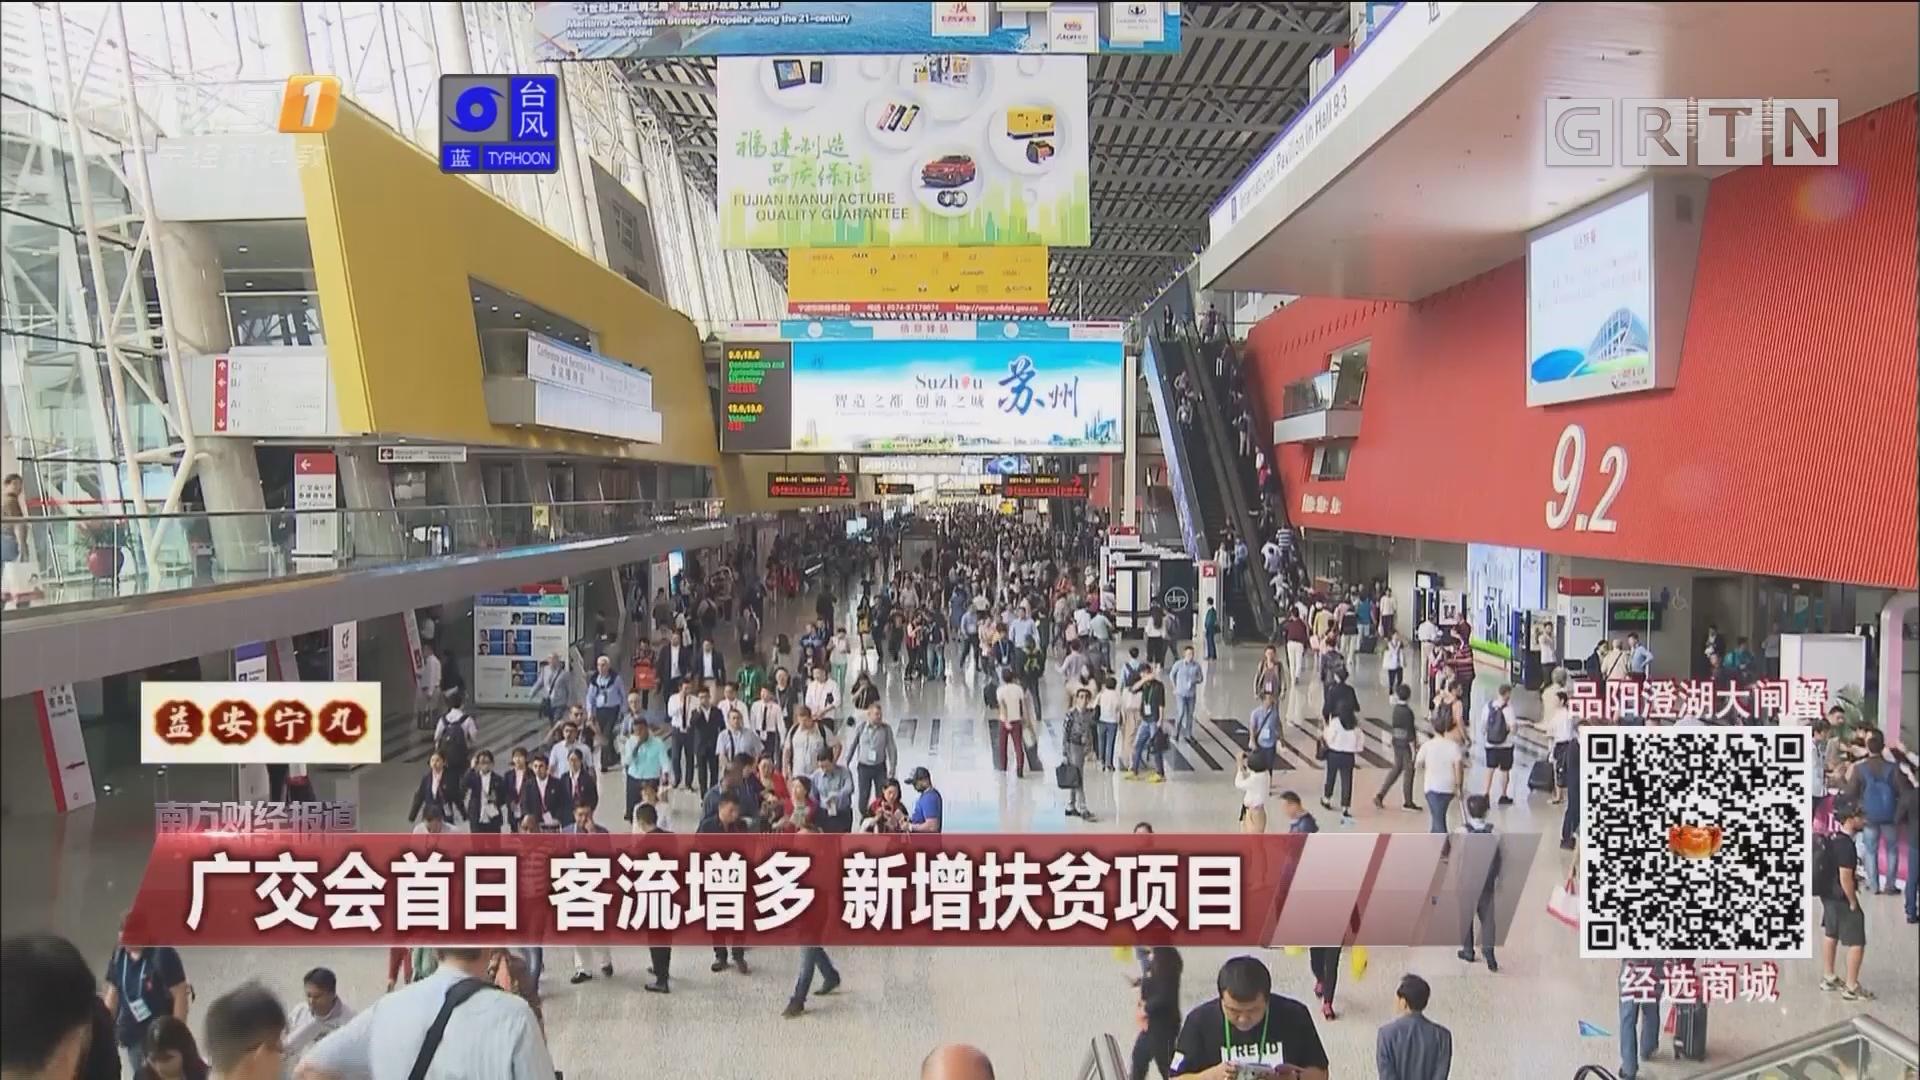 广交会首日 客流增多 新增扶贫项目